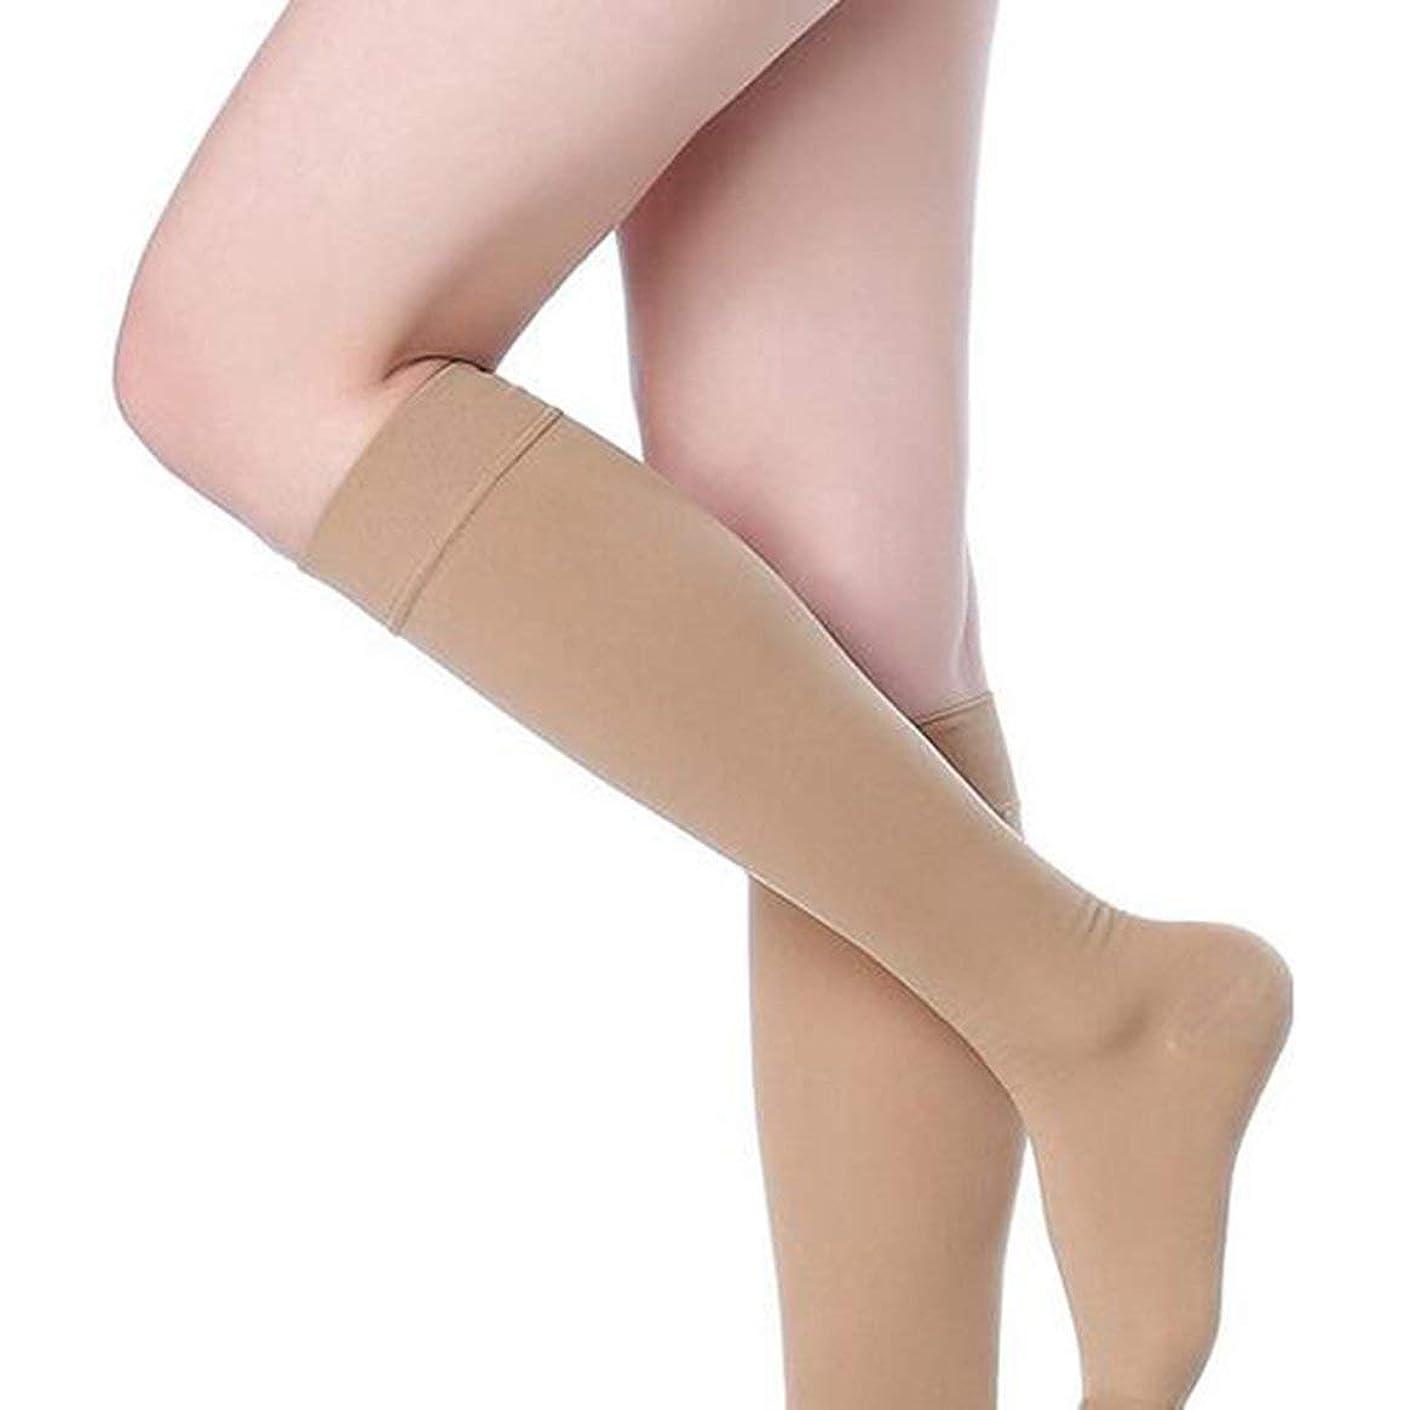 エネルギー皮肉スリッパ1ペア/セット40-50mmHgカバーつま先ファッション圧縮ソックス医療ケアソックス快適な女性の抗疲労圧縮ソックス(肌色)